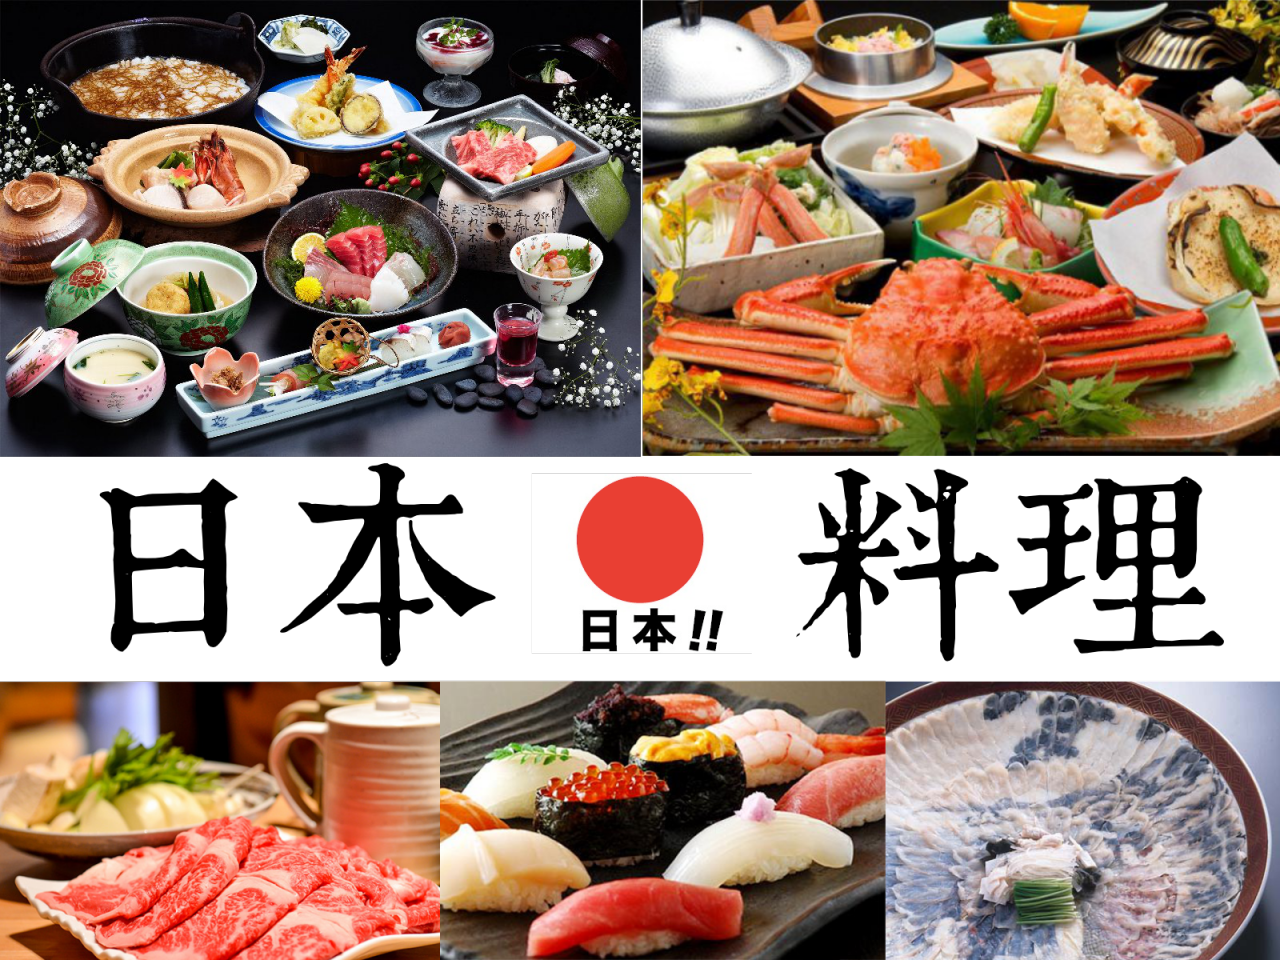 一生一定要吃一次!五種日本奢華美食你吃過哪些?!